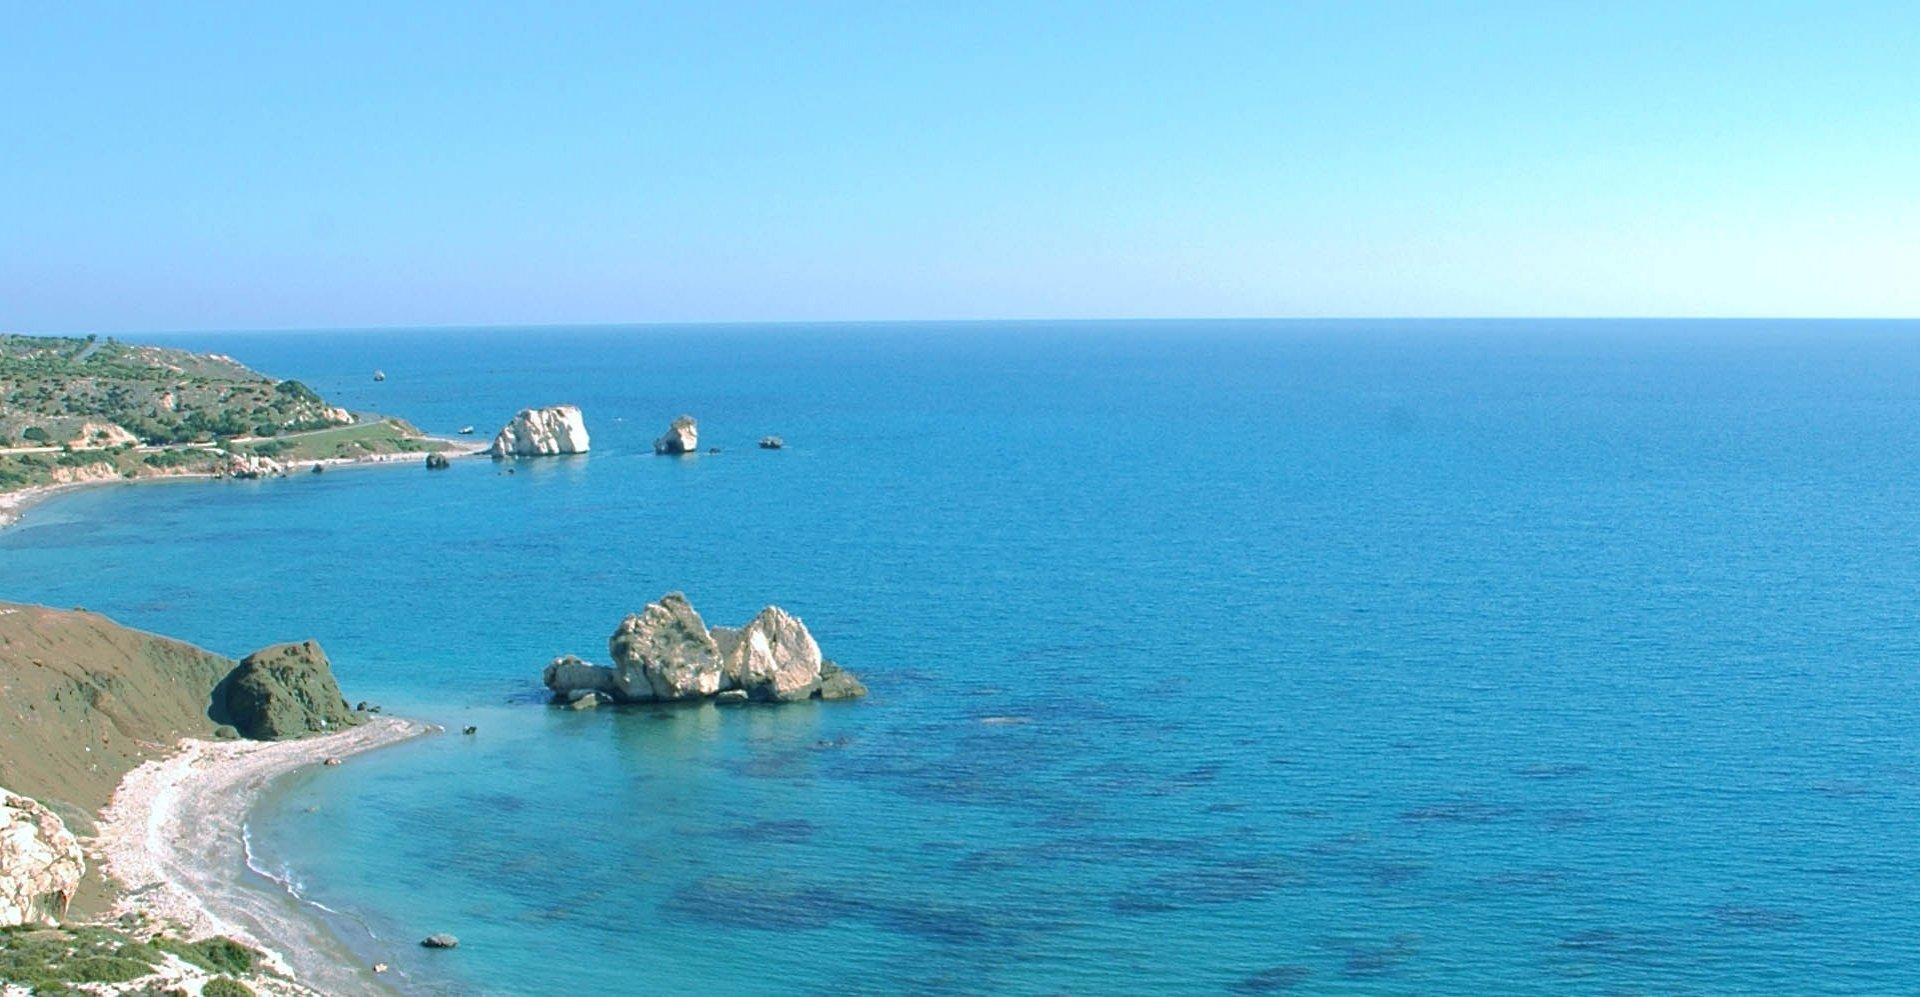 Holiday villas in Cyprus, Malta, Crete, Corfu and Rhodes